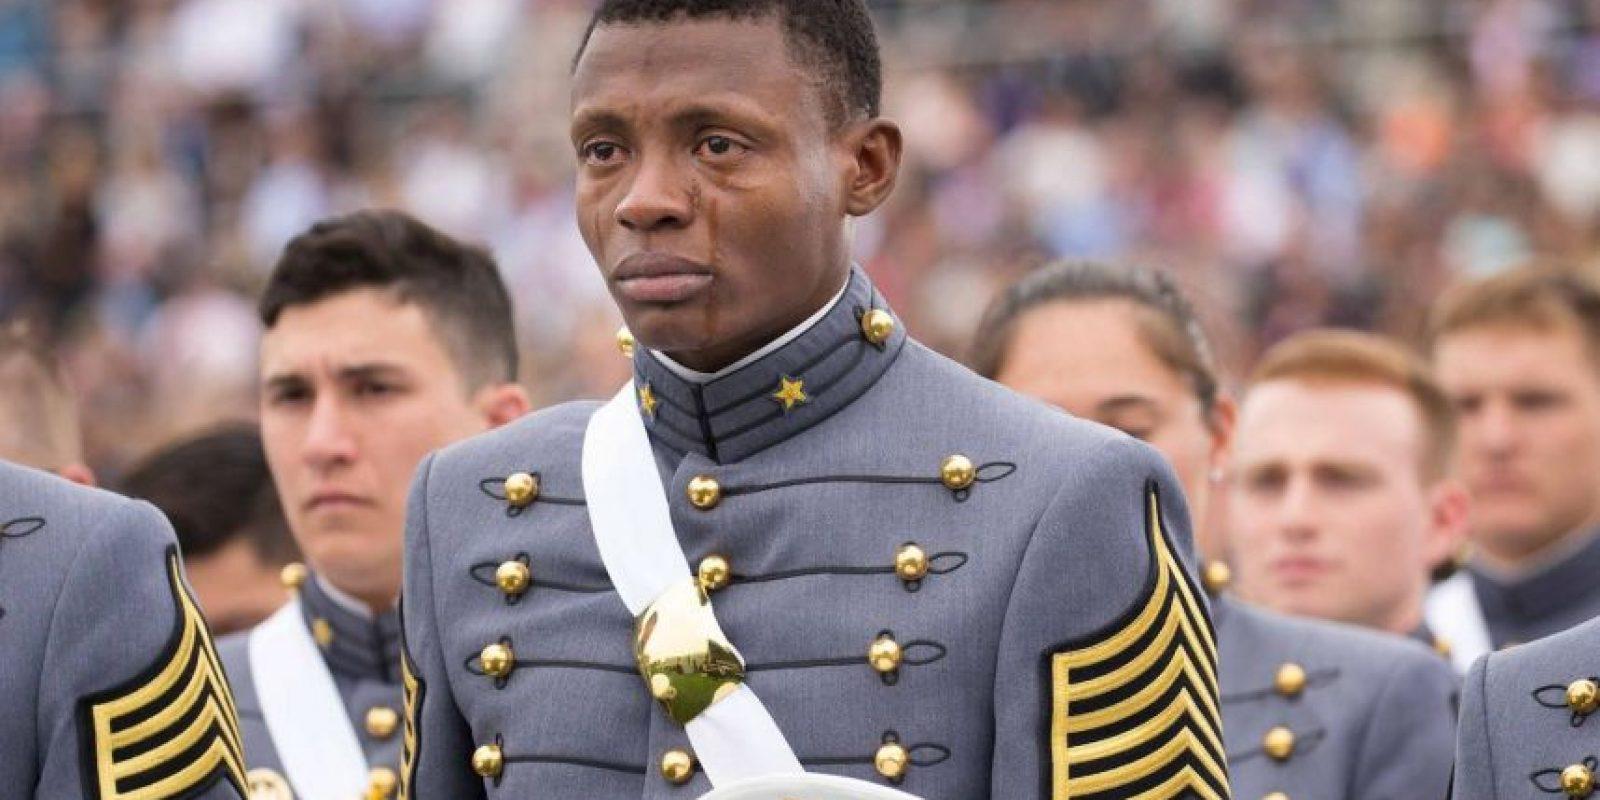 Alix Schoelcher Idrache lloró durante la graduación de la Academia Militar de West Point, en Nueva York. Foto:West Point – The U.S. Military Academy